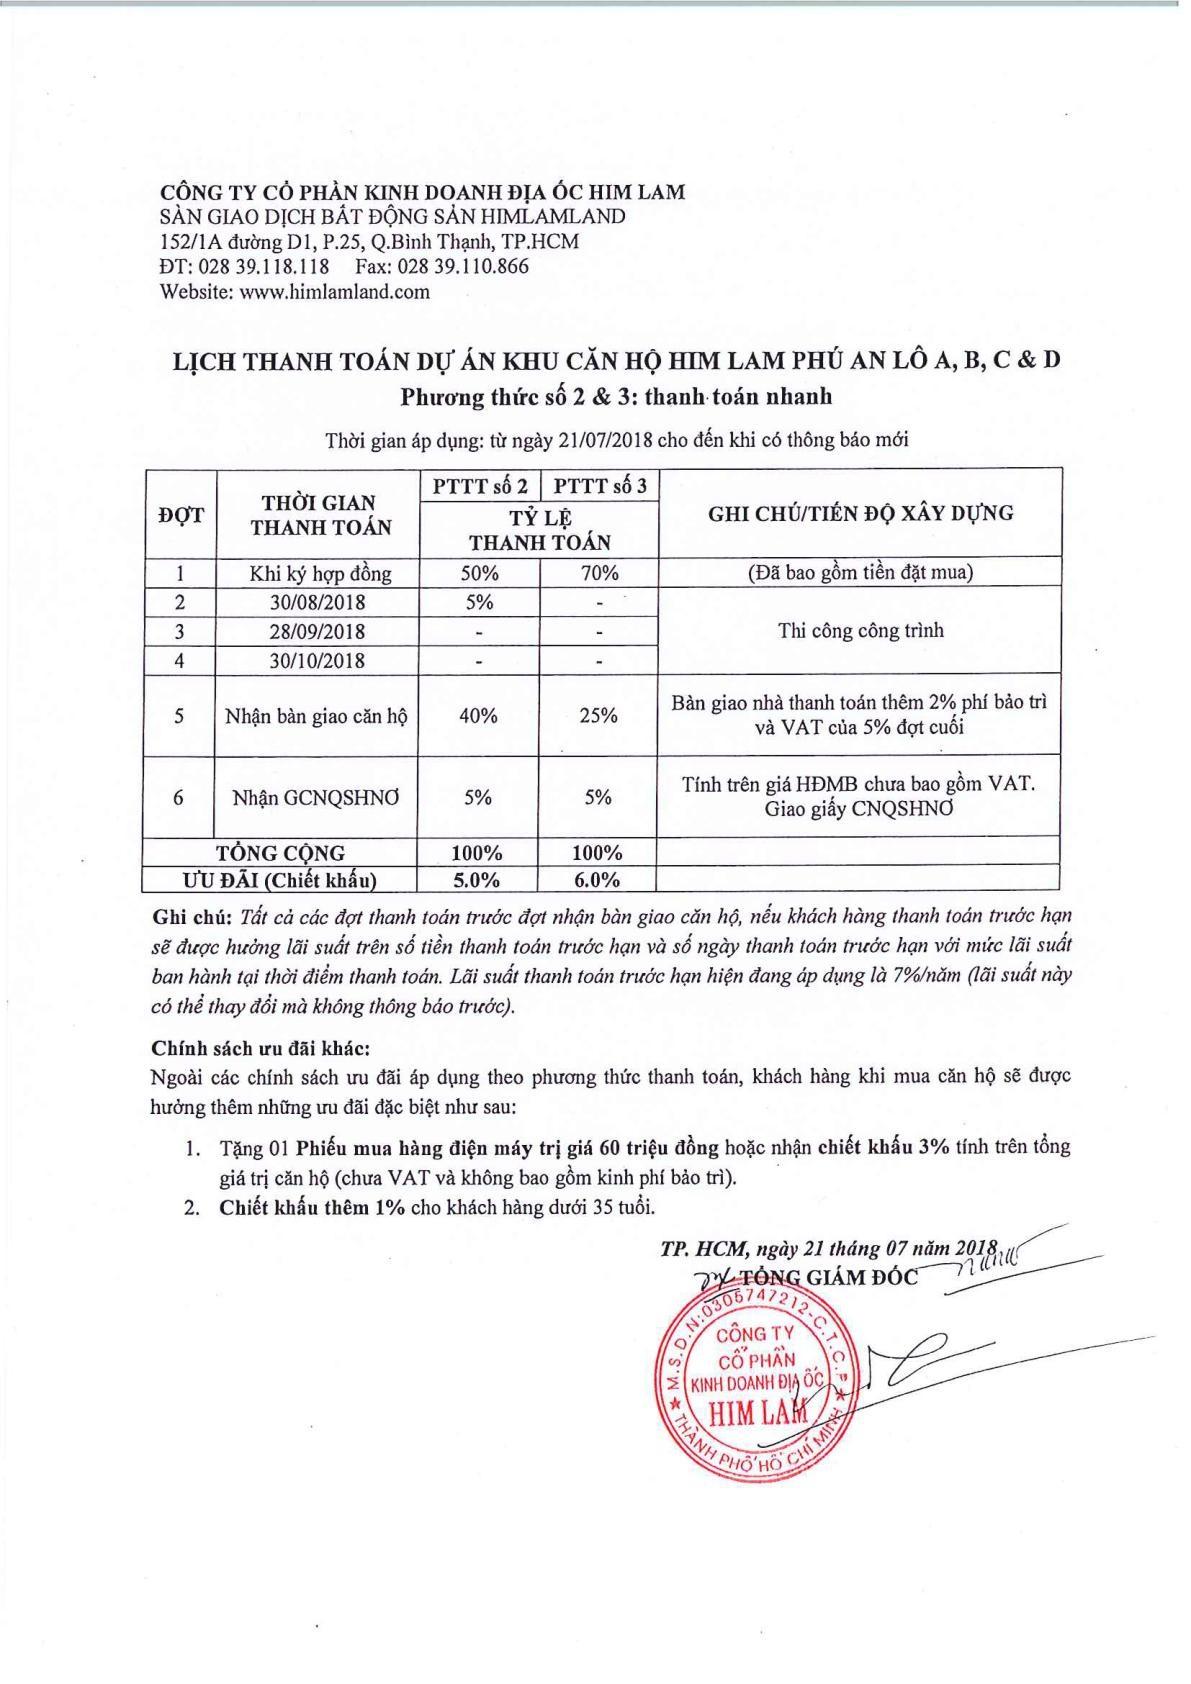 Phương thức thanh toán Him Lam Phú An số 2&3 - Cityapartment.com.vn